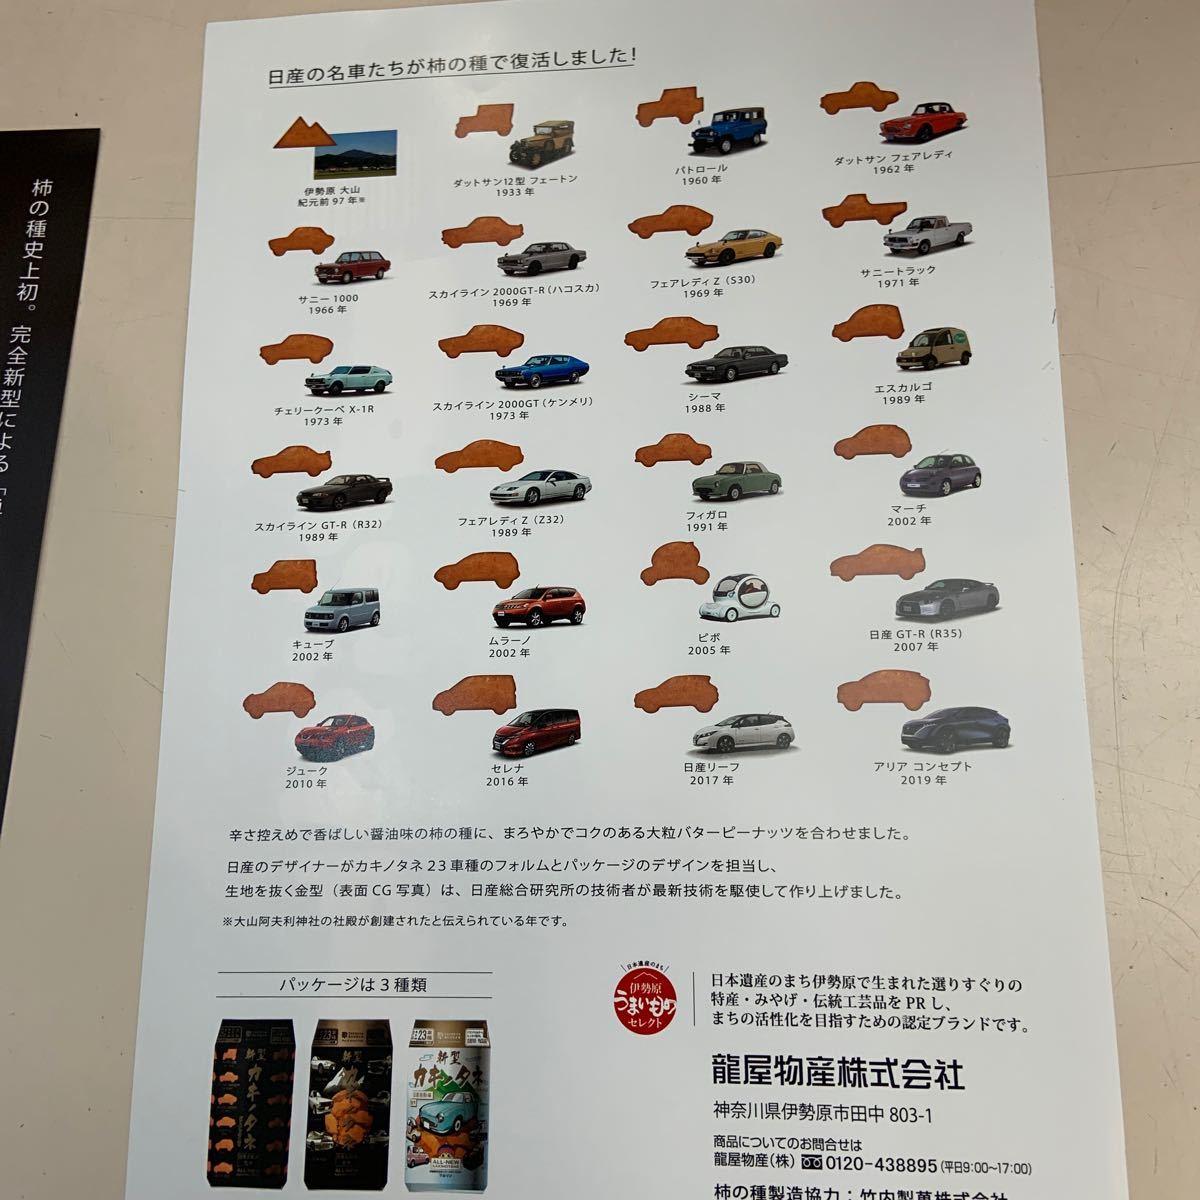 の 種 日産 柿 日産の歴代名車23種が「柿の種」に。おかきの金型はなんと日産自動車が製造(2020年7月6日)|BIGLOBEニュース